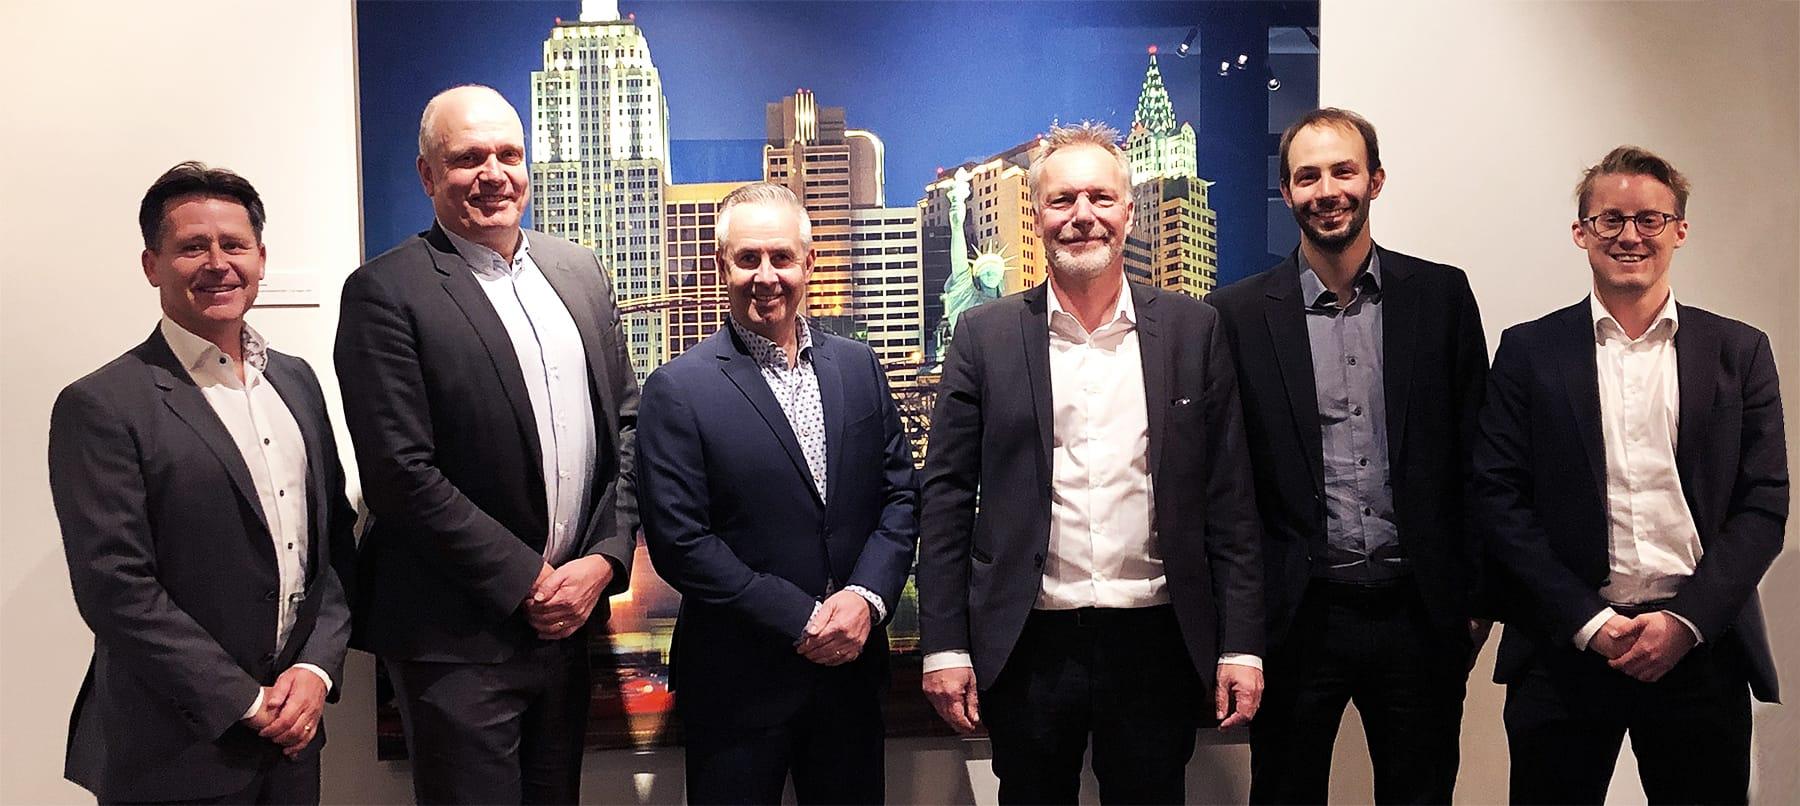 From left: Christer Lundgren, Hans Glemstedt, Kenth Almqvist, Martin Malmvik, Mathias Frunz och Gustav Nilsson